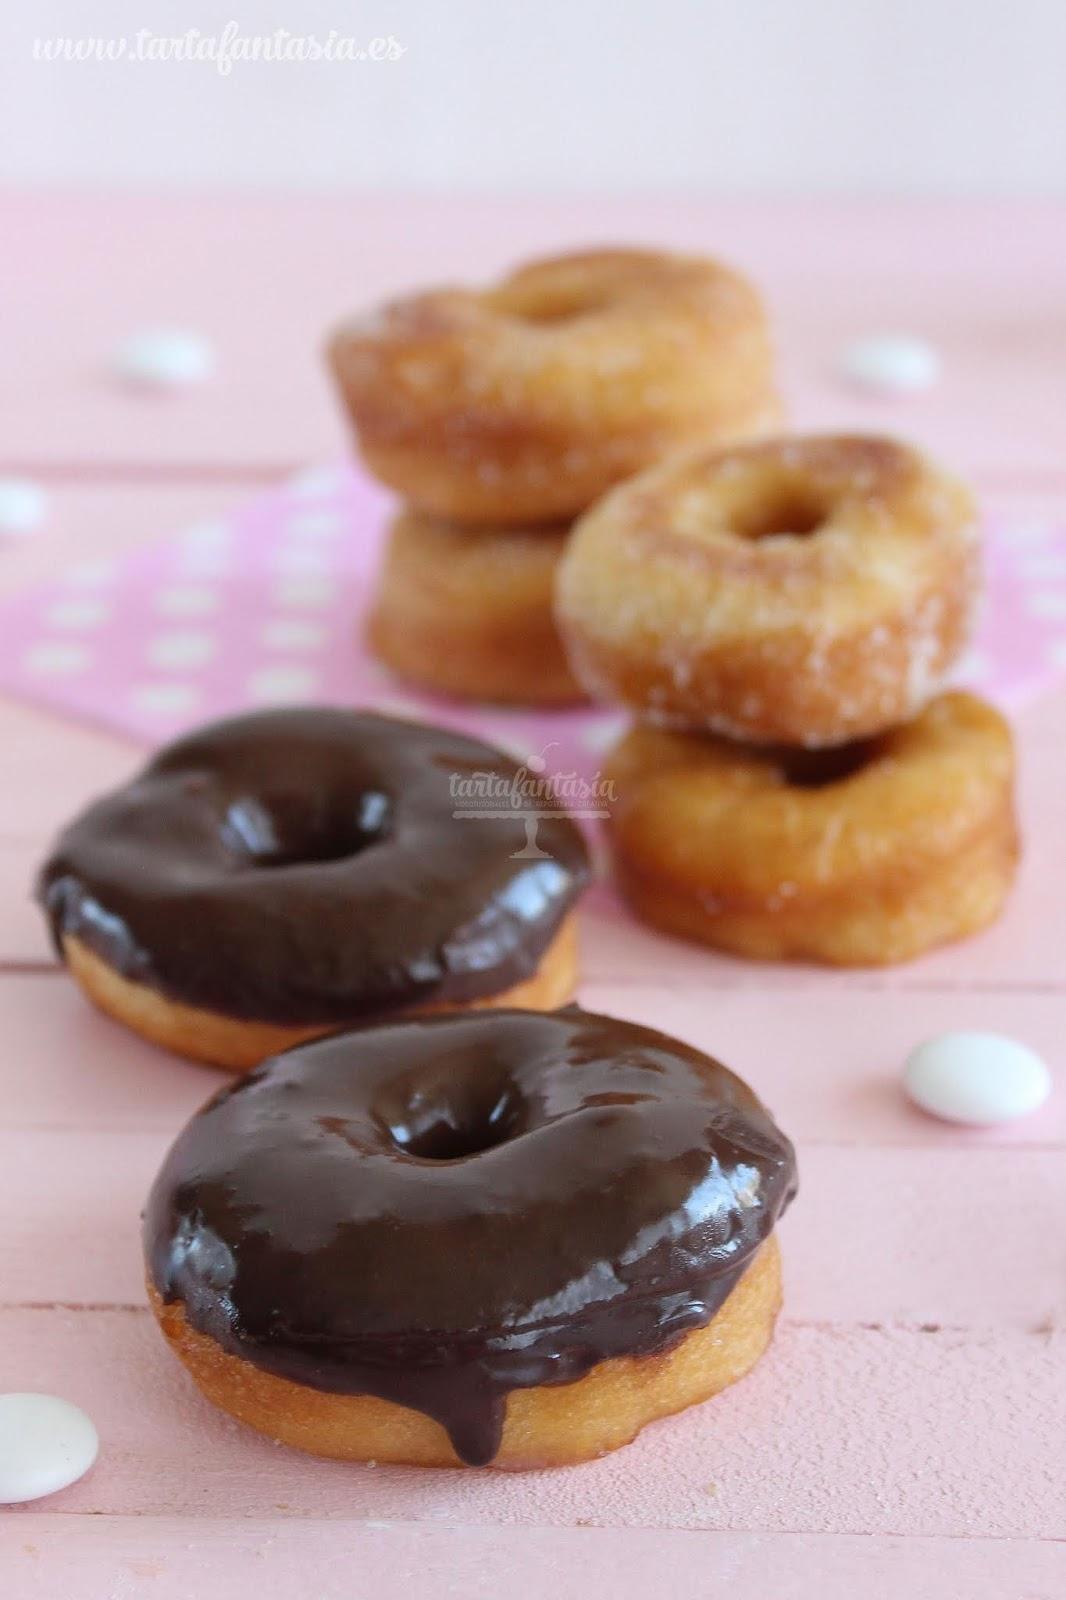 Cómo Hacer Donuts O Donas Tartafantasía